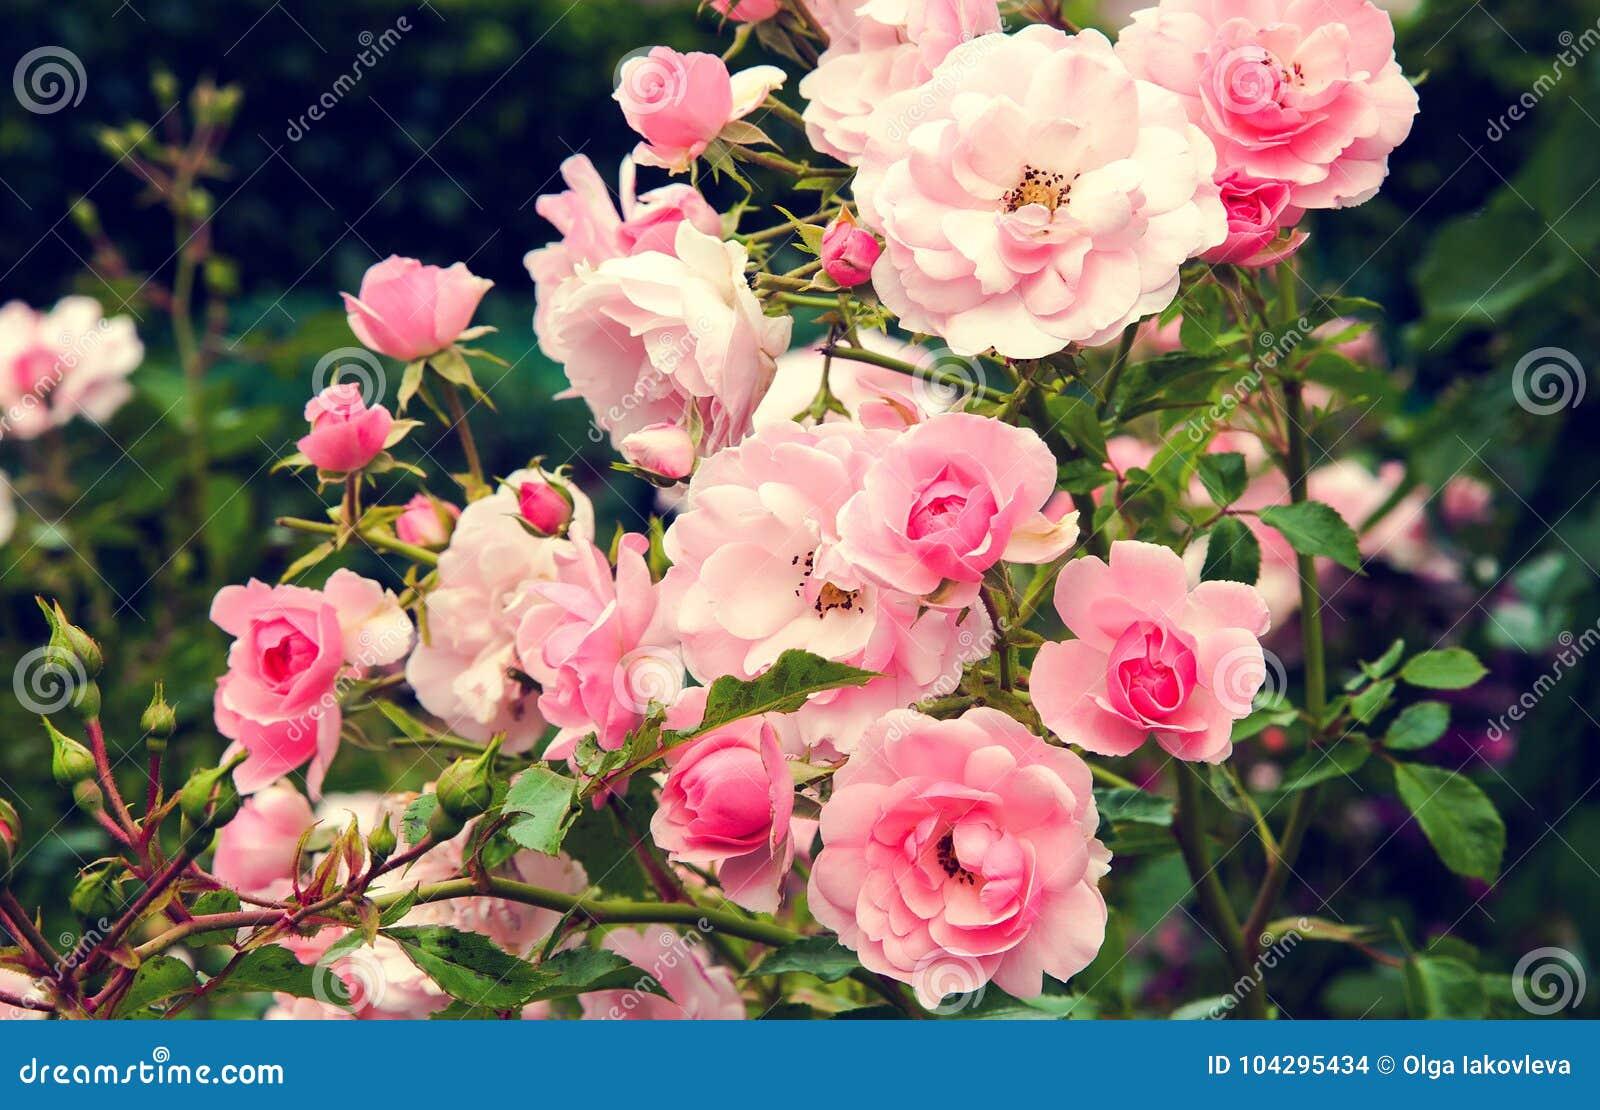 Bush de rosas cor-de-rosa do jardim com folhas verdes